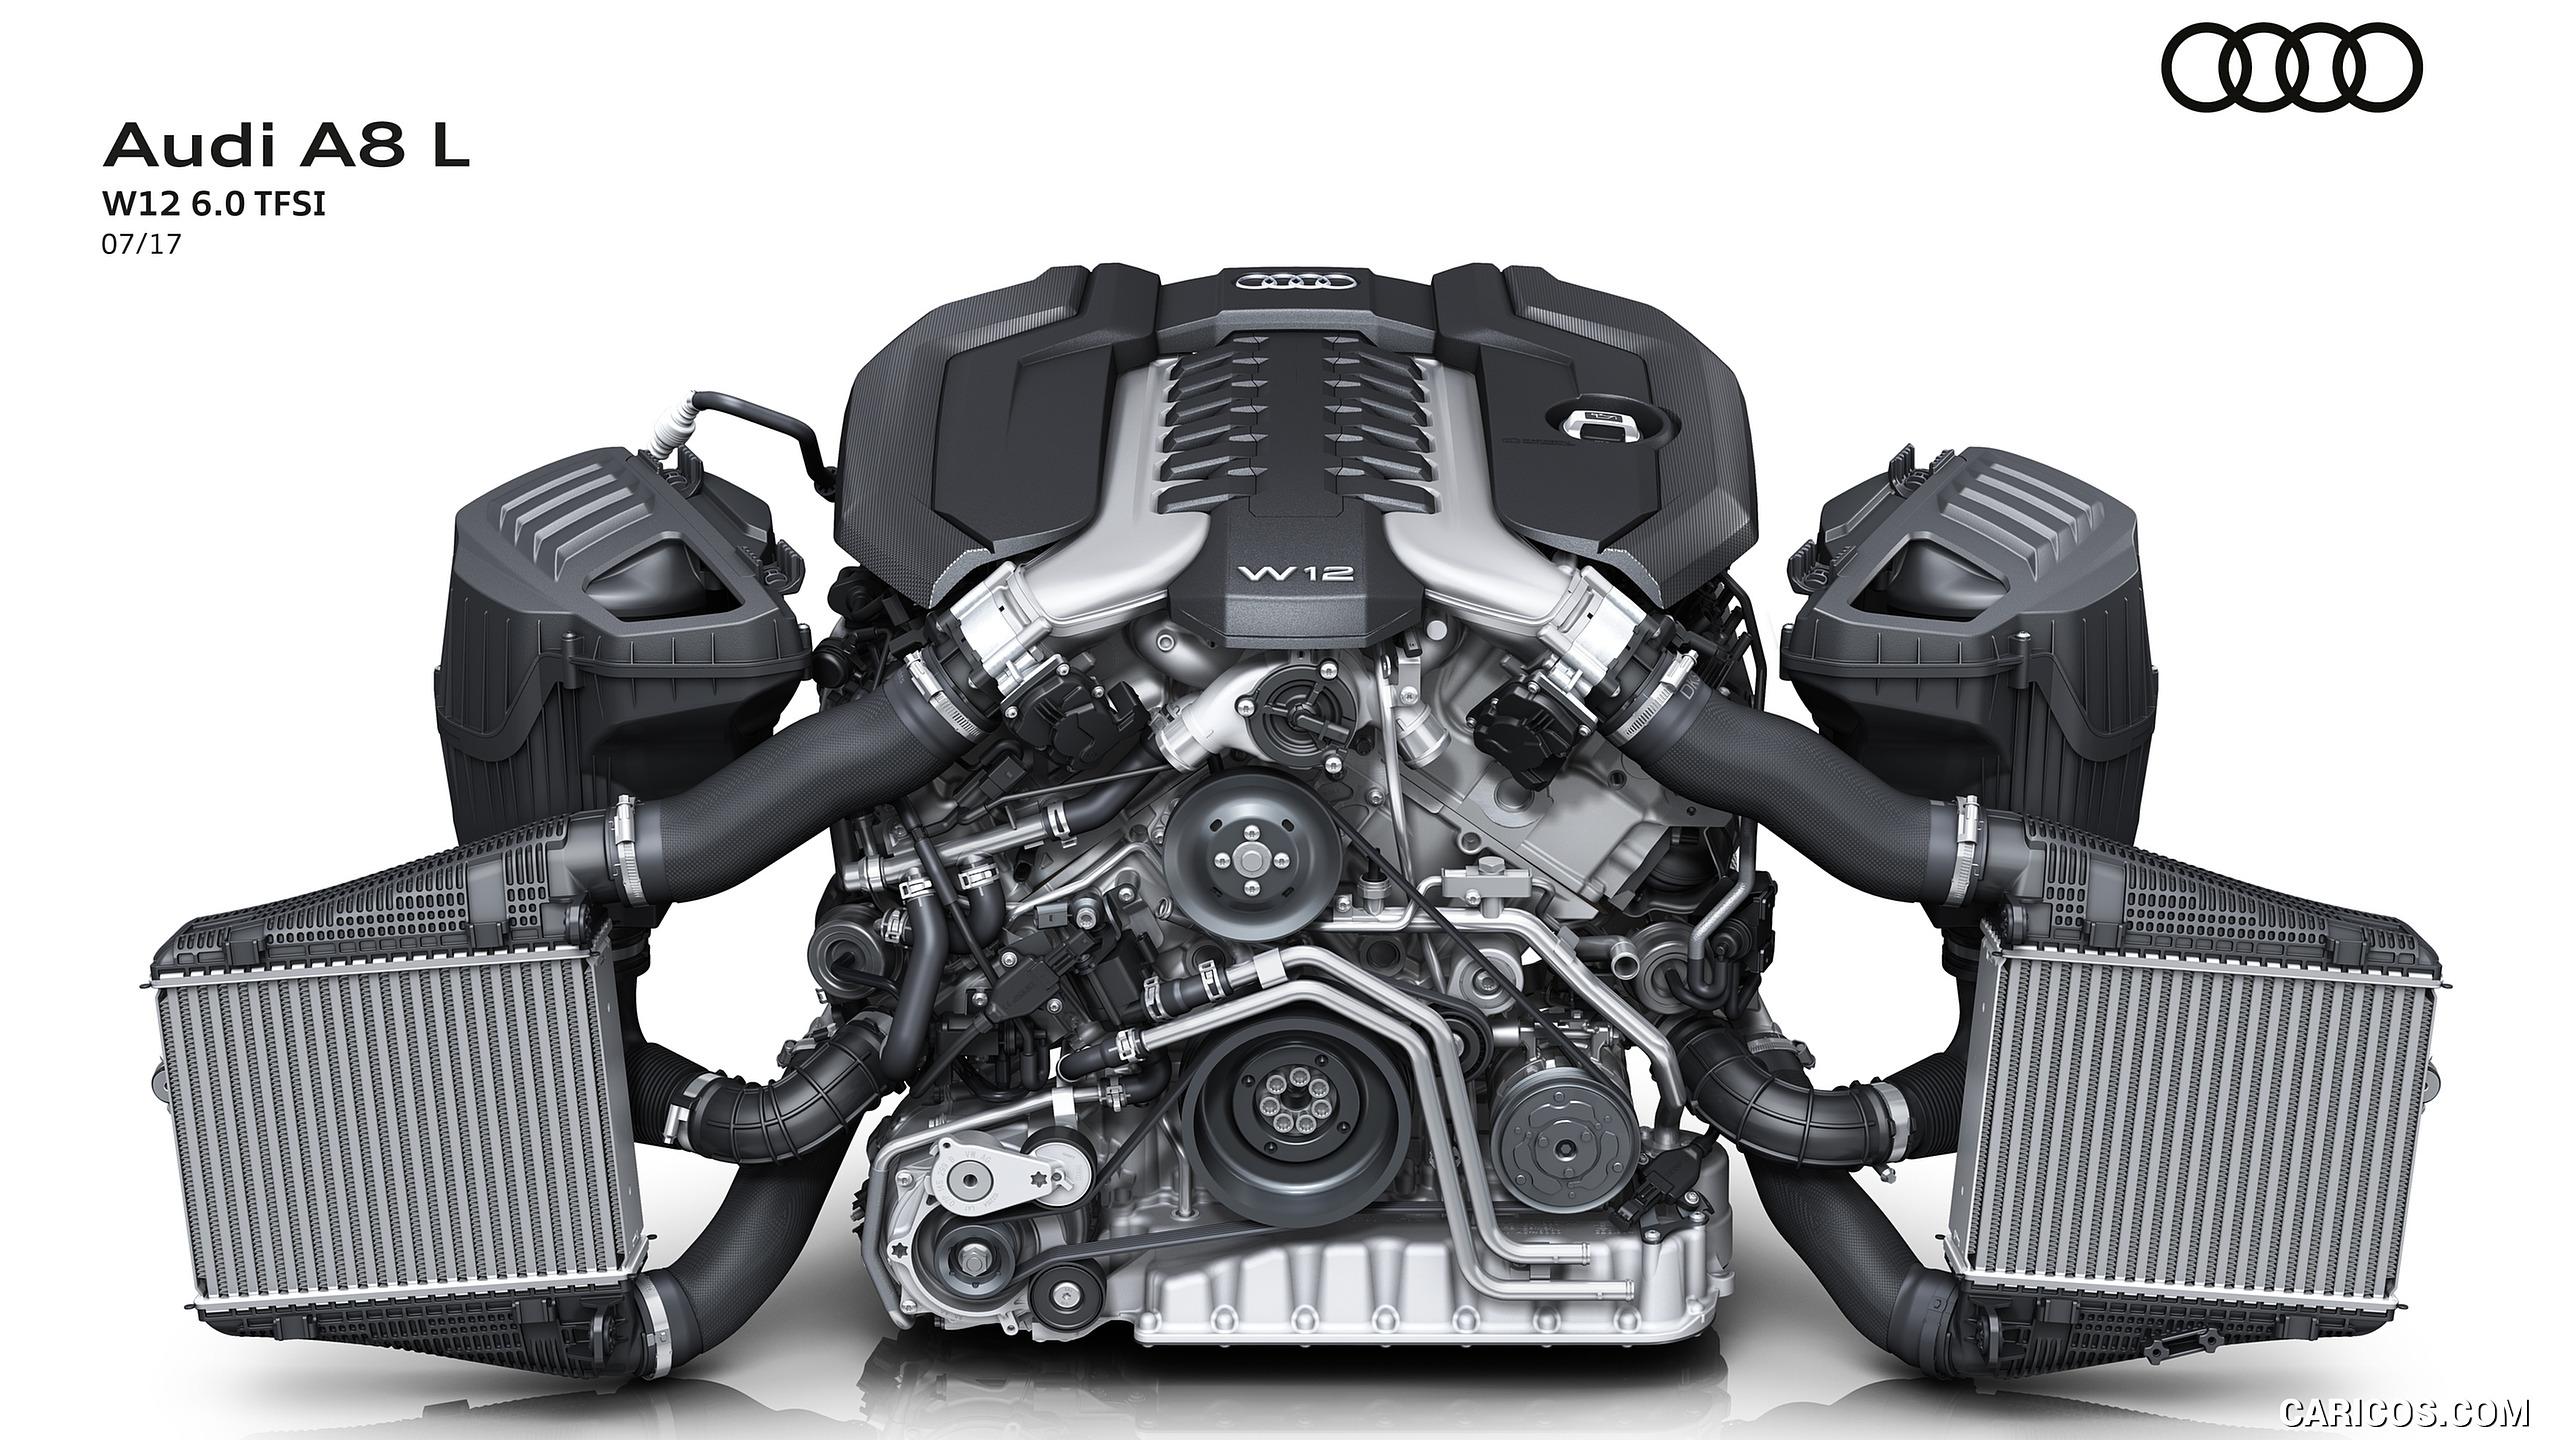 2018 Audi A8   W12 60 TFSI Engine HD Wallpaper 59 2560x1440